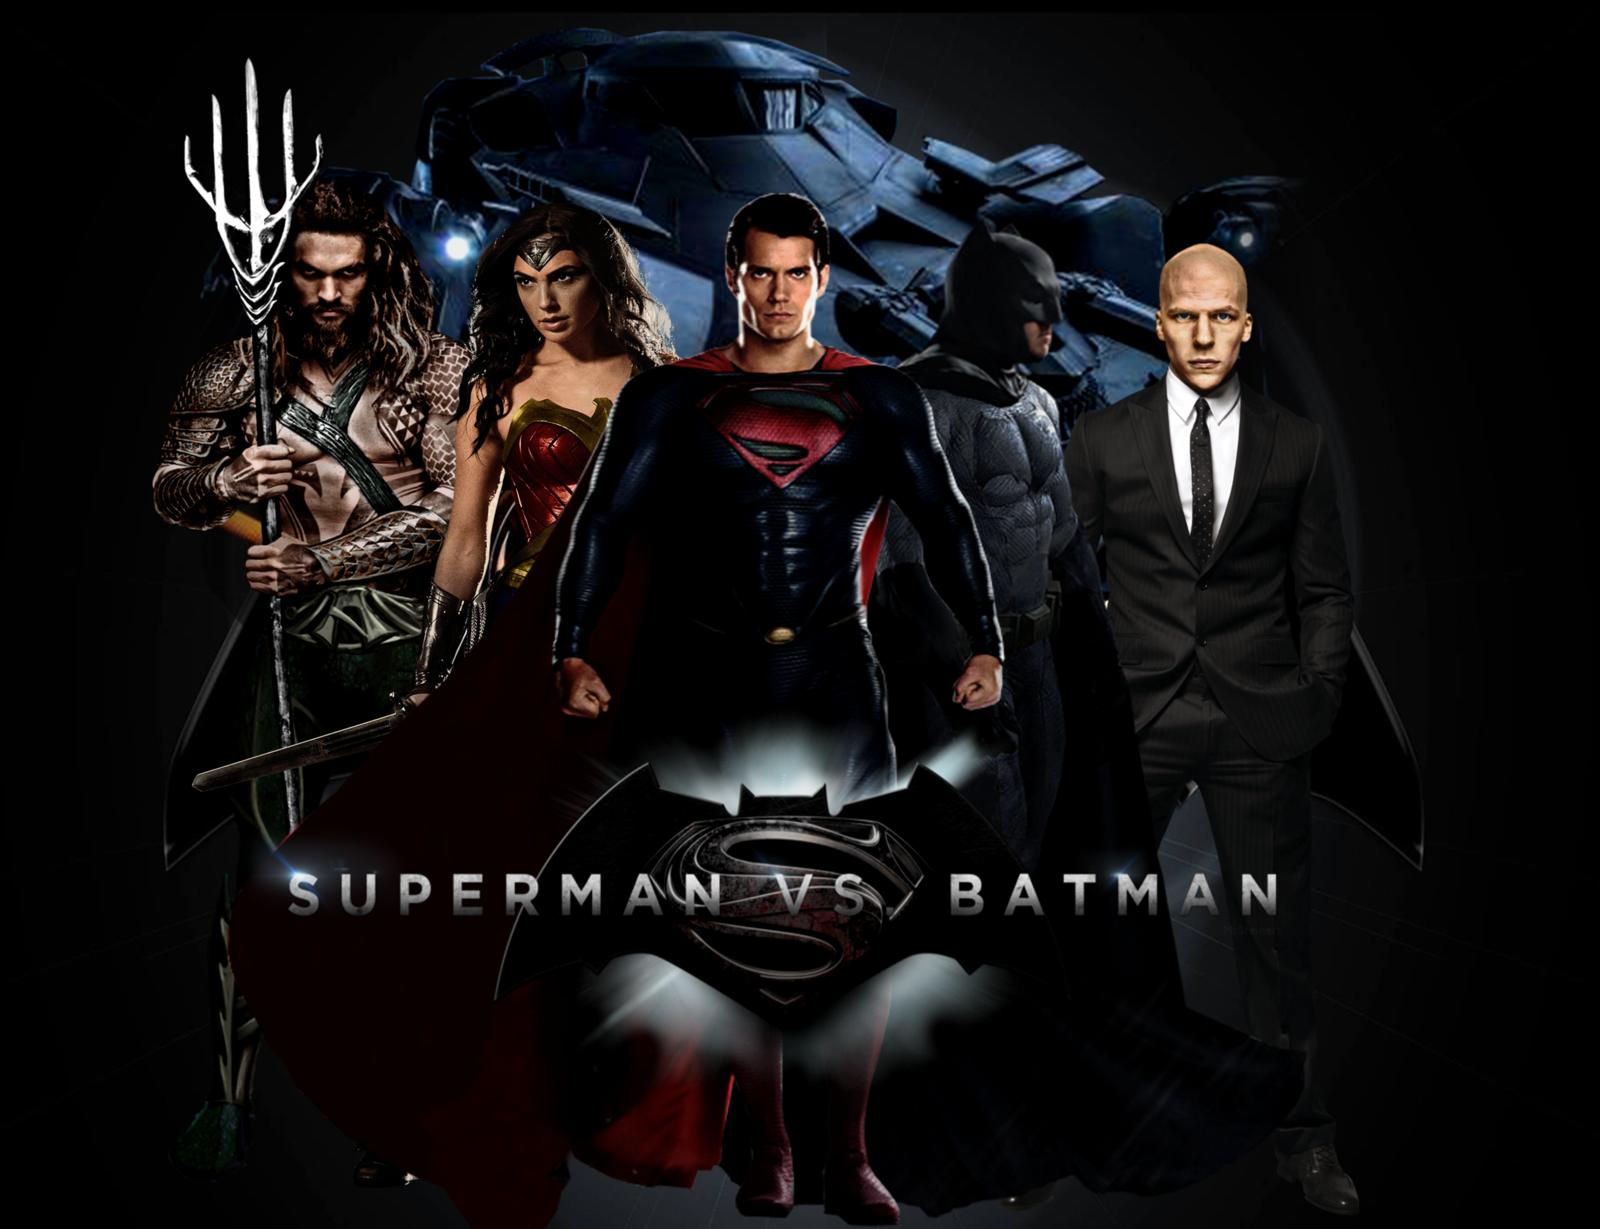 Clipart vs superman clip art download Batman vs superman desktop clipart - ClipartFox clip art download